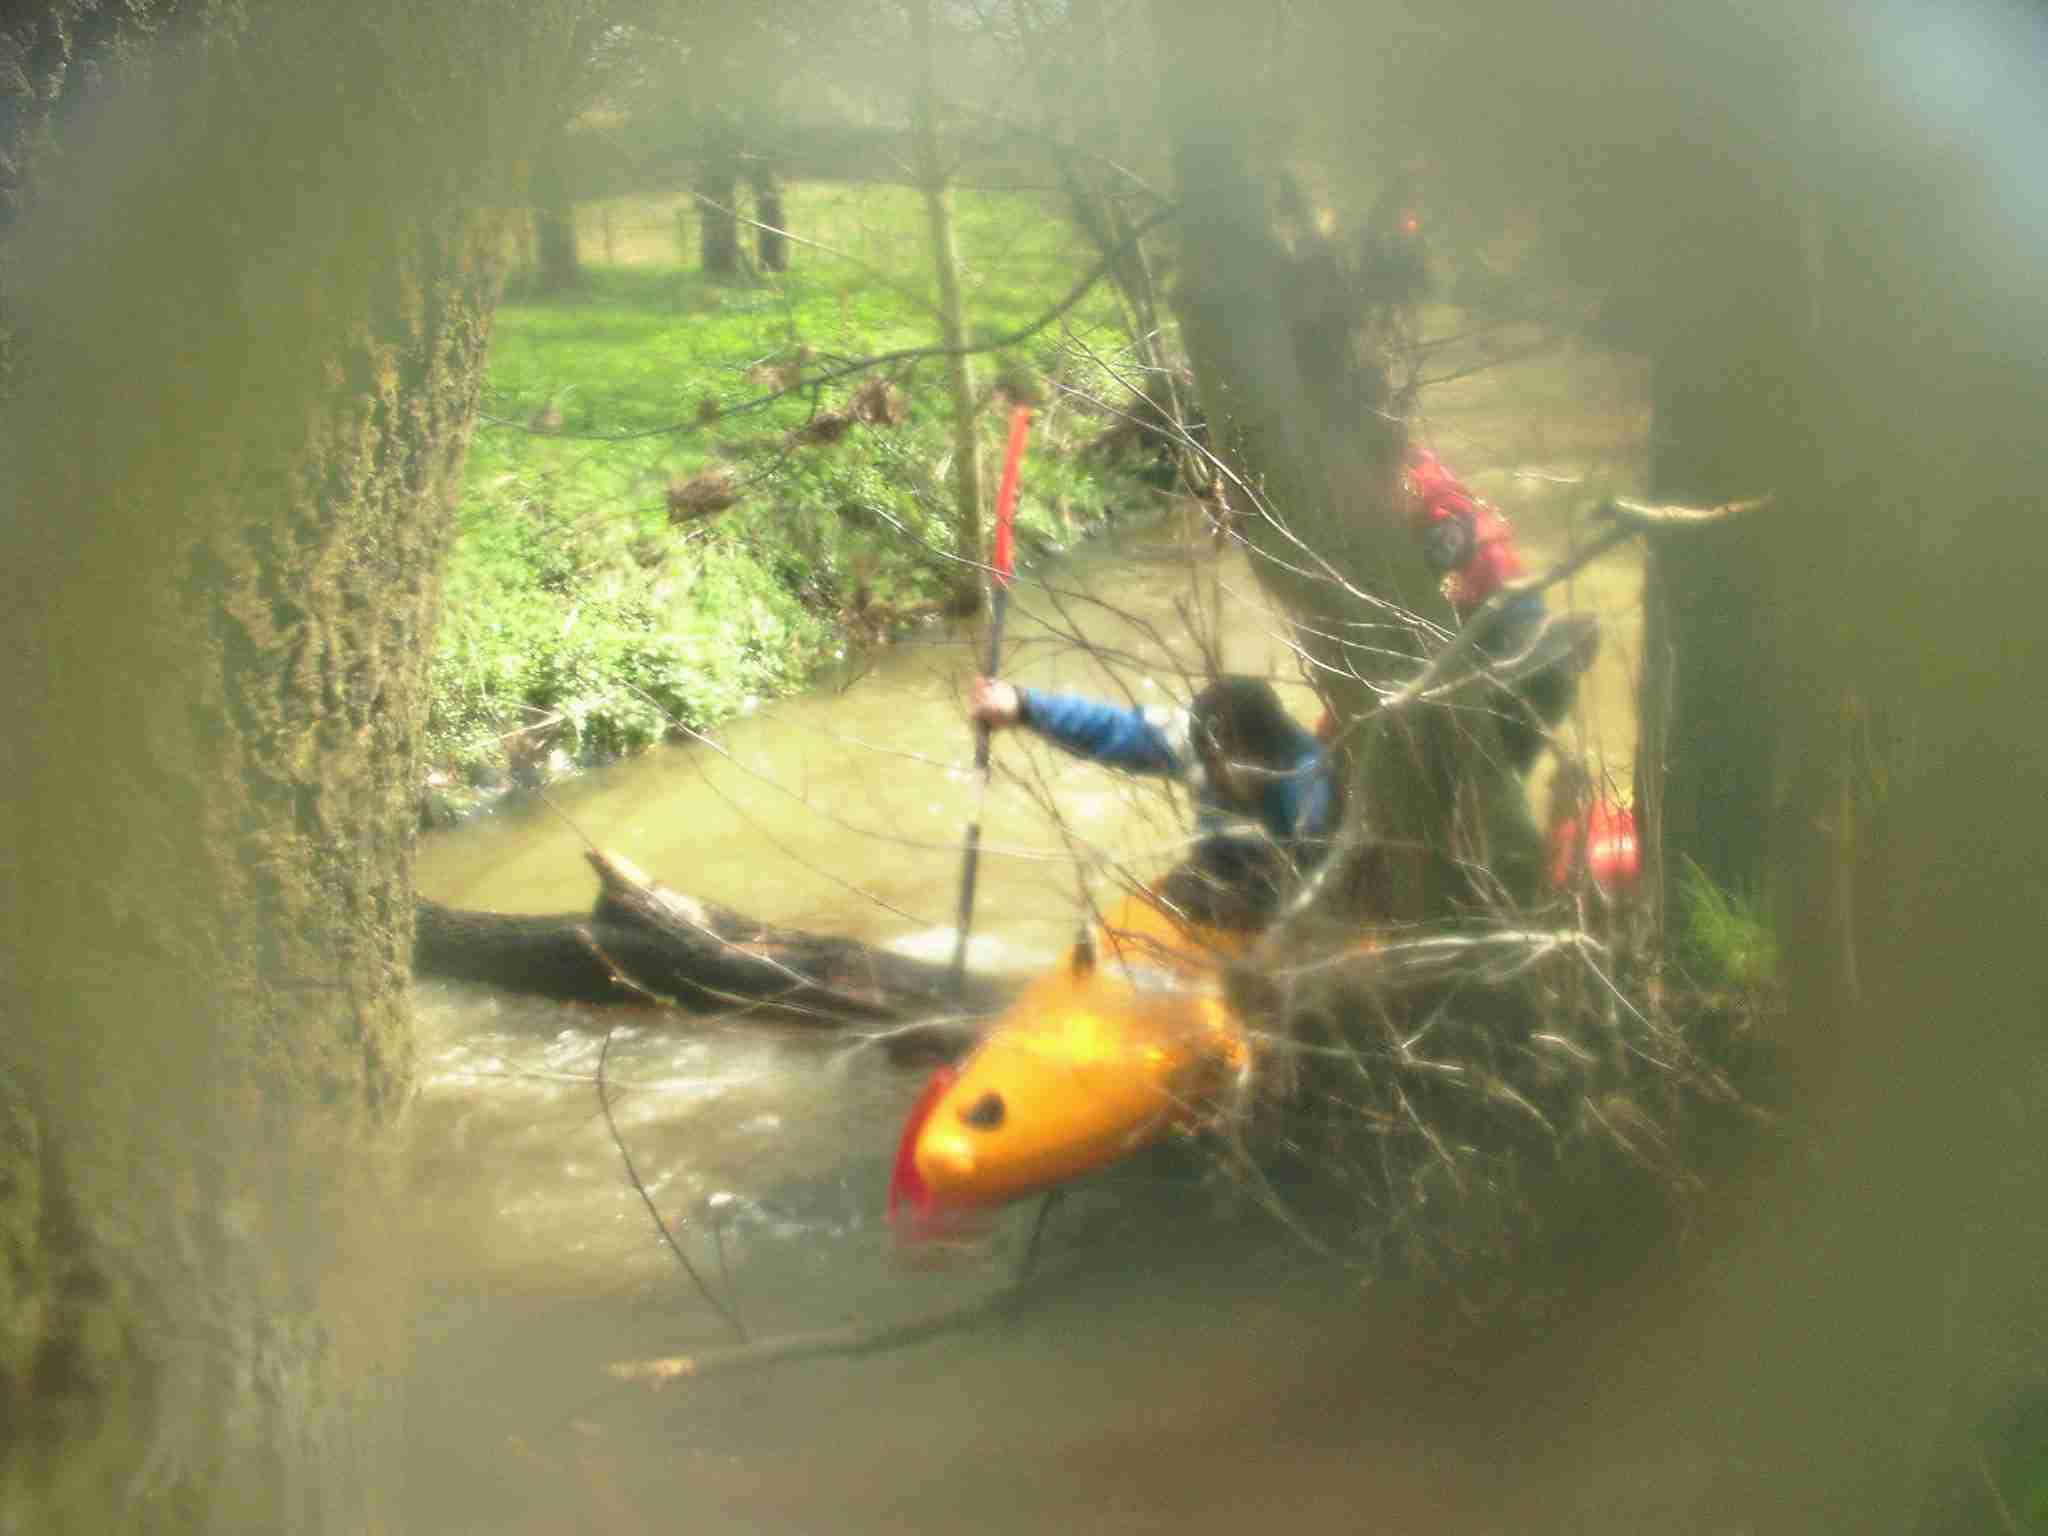 Mit viel Anlauf und Hilfe kam Gerd prima über diesen Baum